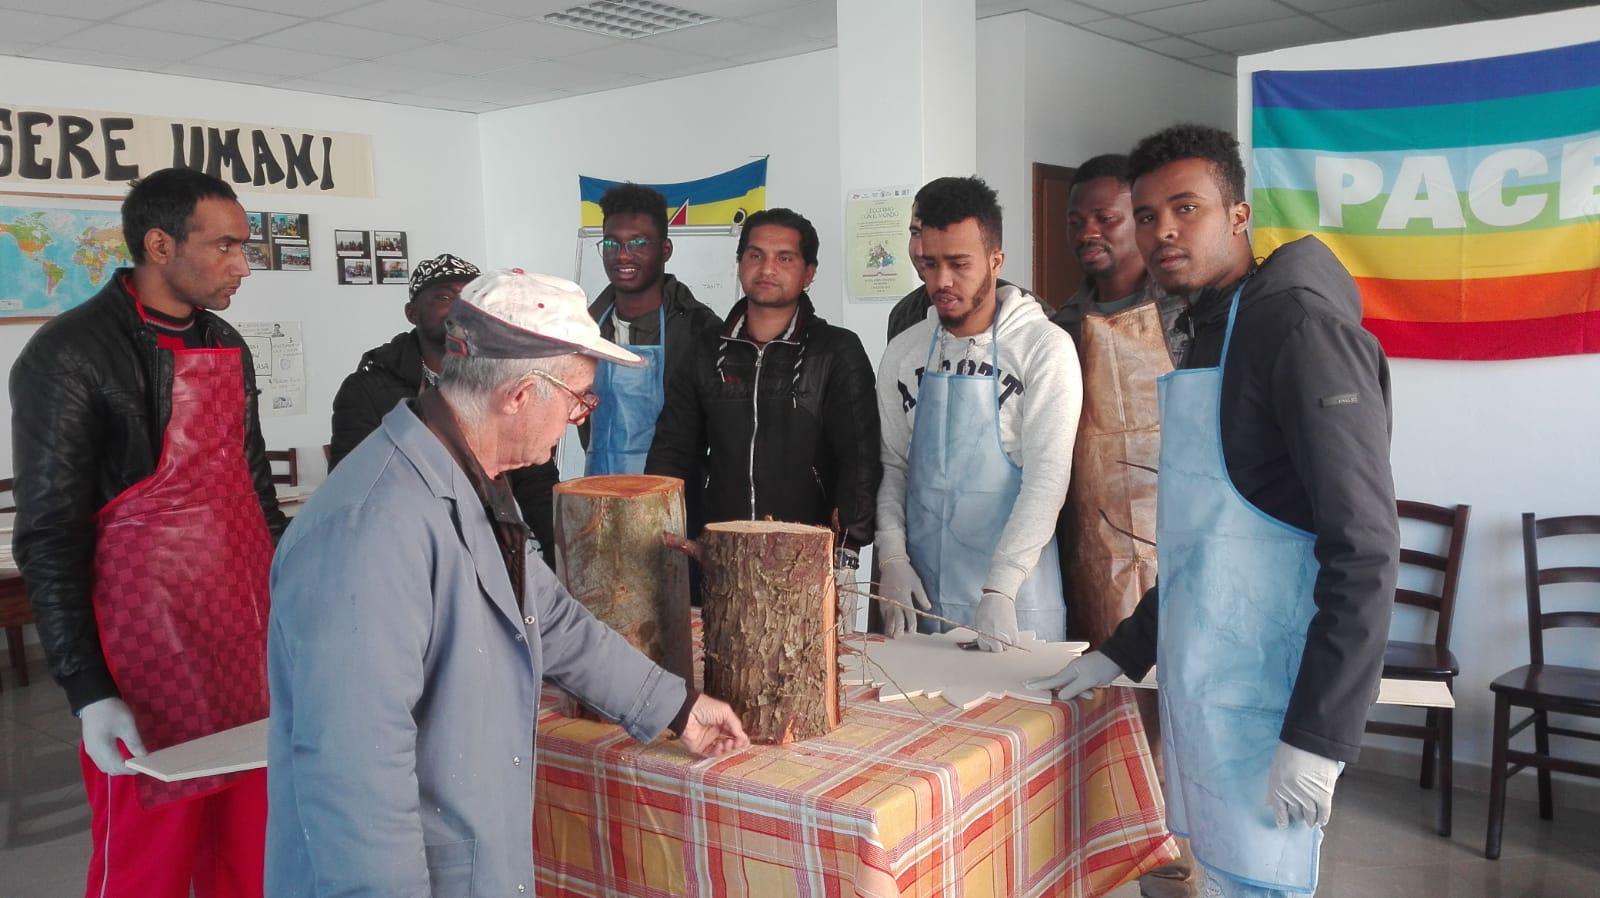 Alcuni richiedenti asilo ospiti dei progetti Sprar